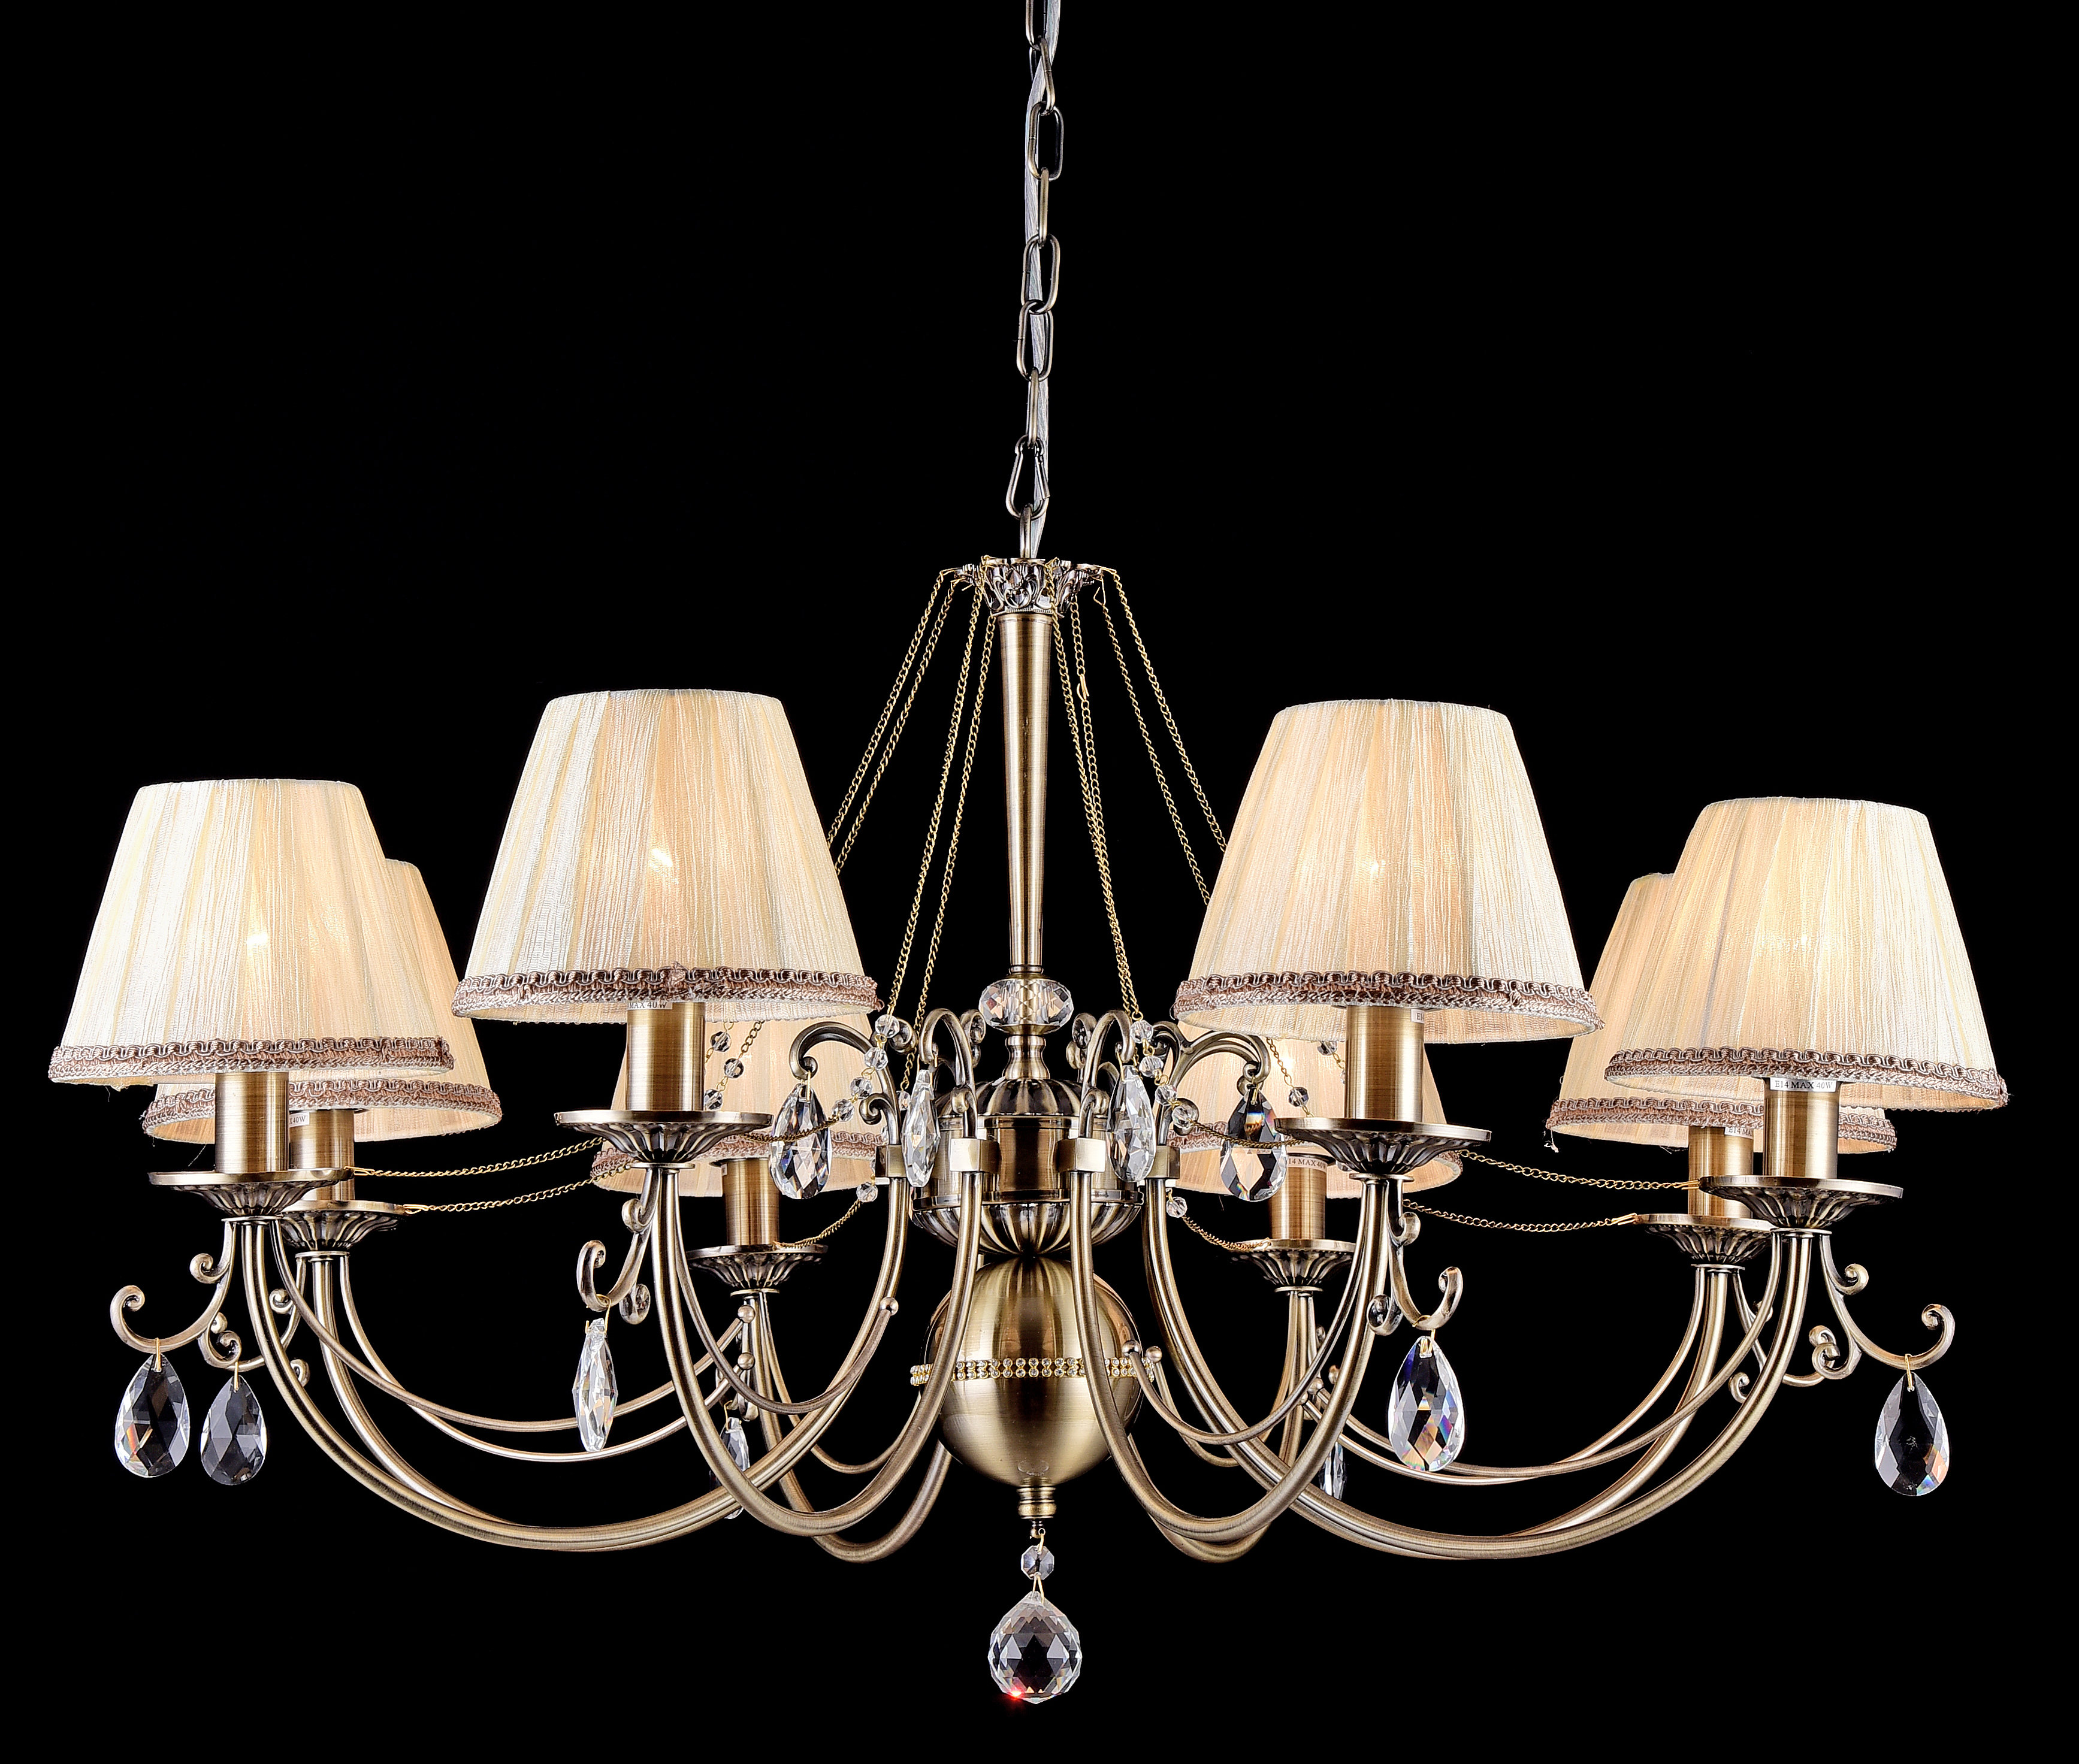 Люстра MaytoniЛюстры<br>Назначение светильника: для гостиной, Стиль светильника: классика, Тип: подвесная, Материал светильника: металл, стекло, Материал плафона: ткань, Материал арматуры: металл, Диаметр: 850, Высота: 520, Количество ламп: 8, Тип лампы: накаливания, Мощность: 40, Патрон: Е14, Цвет арматуры: бронза, Родина бренда: Германия, Коллекция: arm093<br>